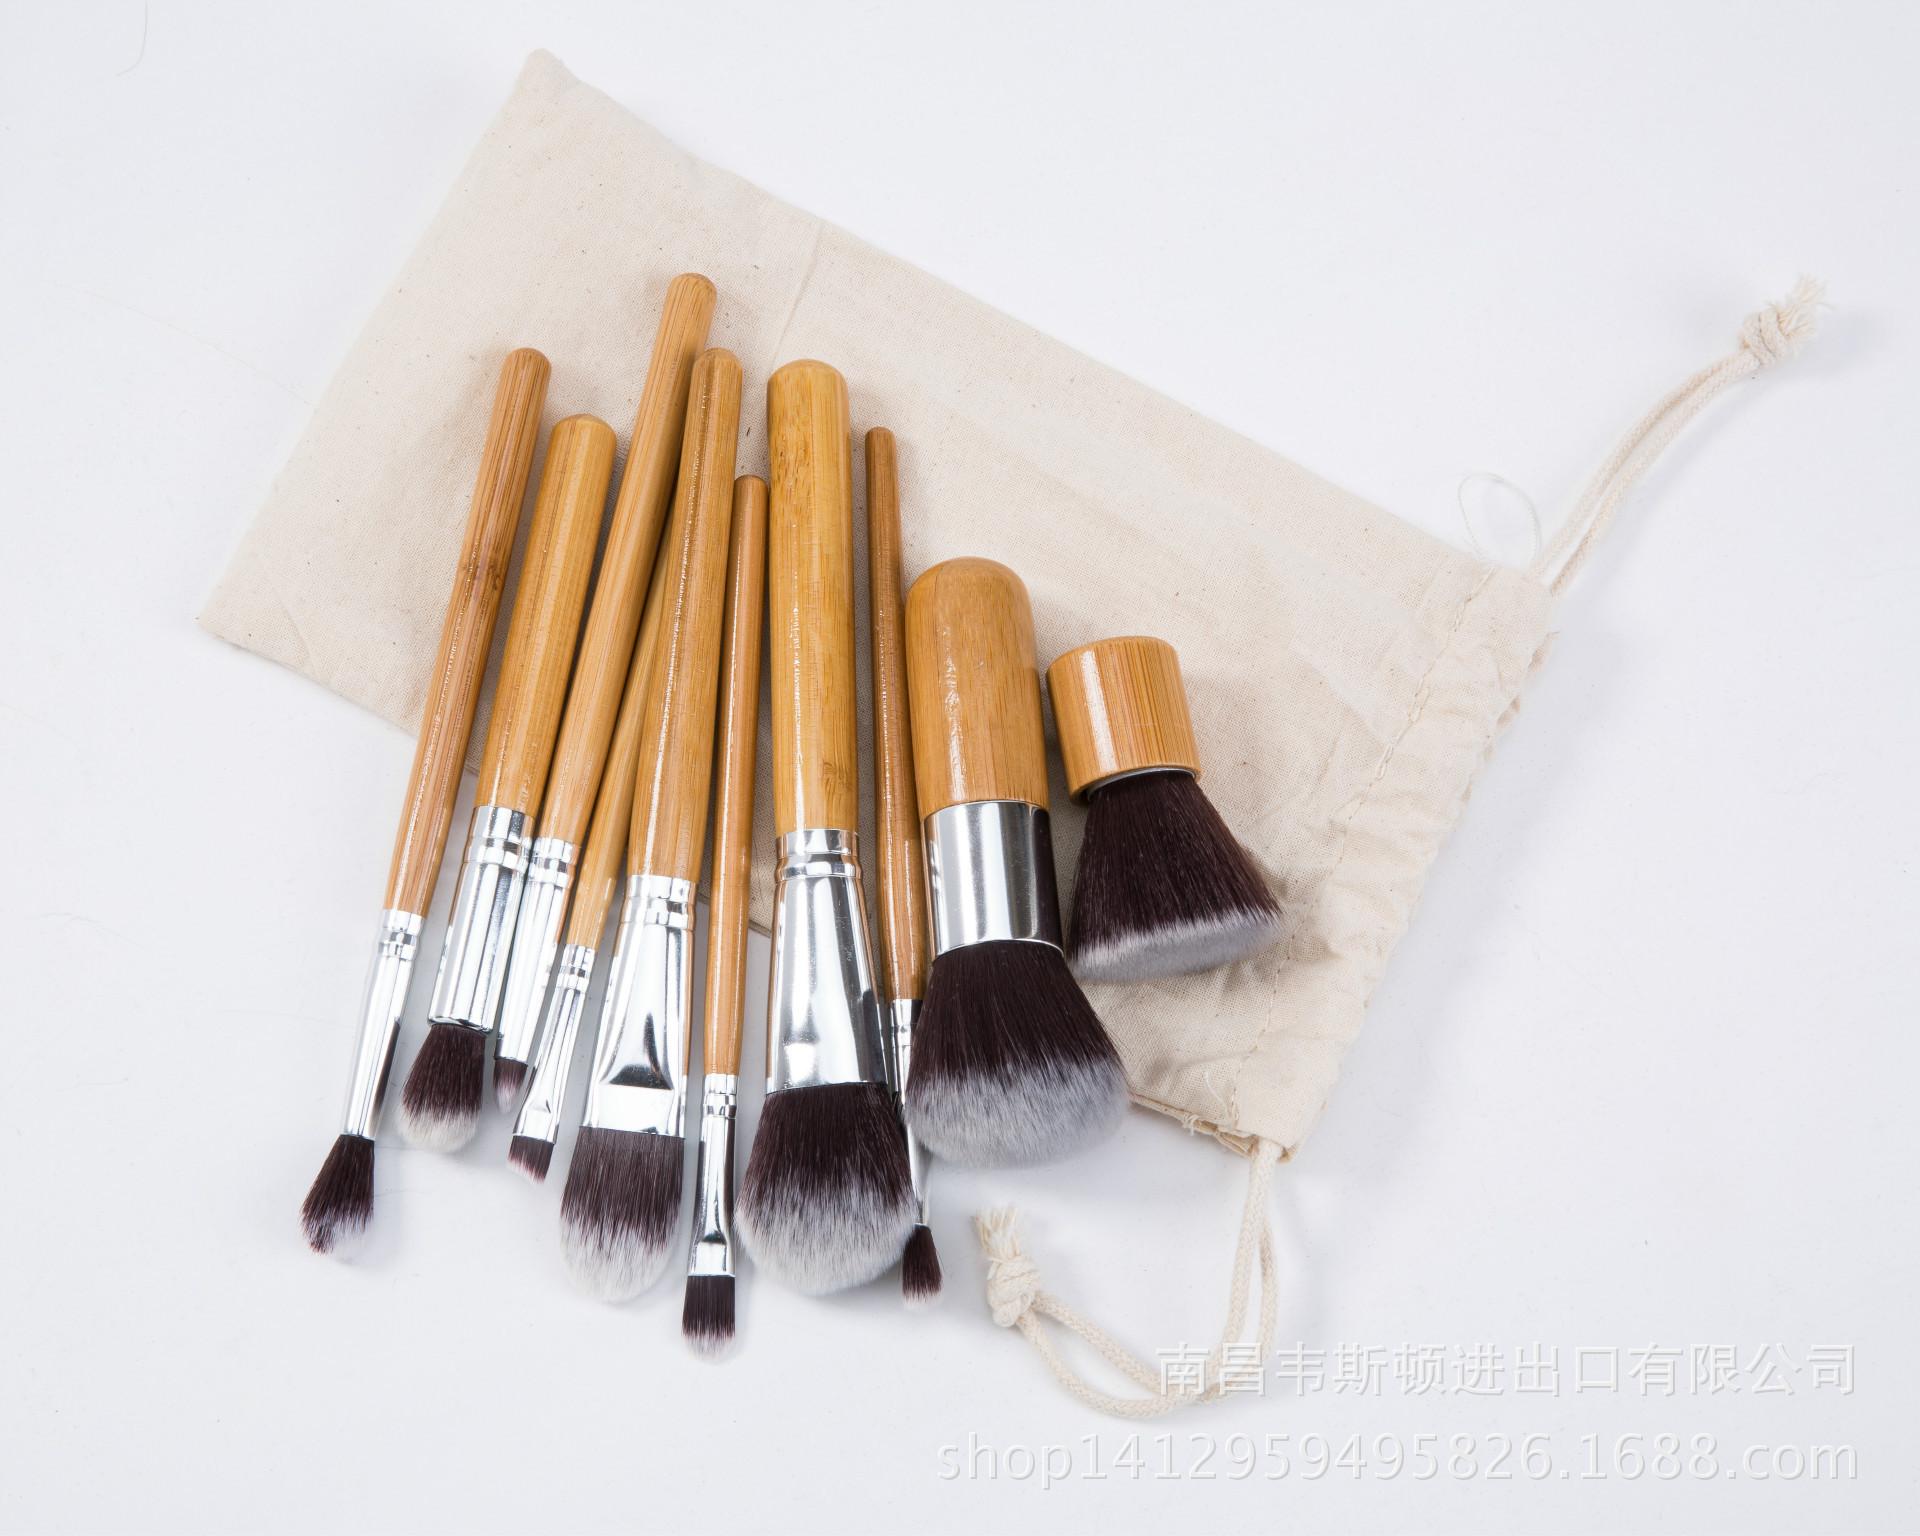 梦妆季10支化妆刷竹柄束带便携式套刷初学者美妆化妆工具质量确保